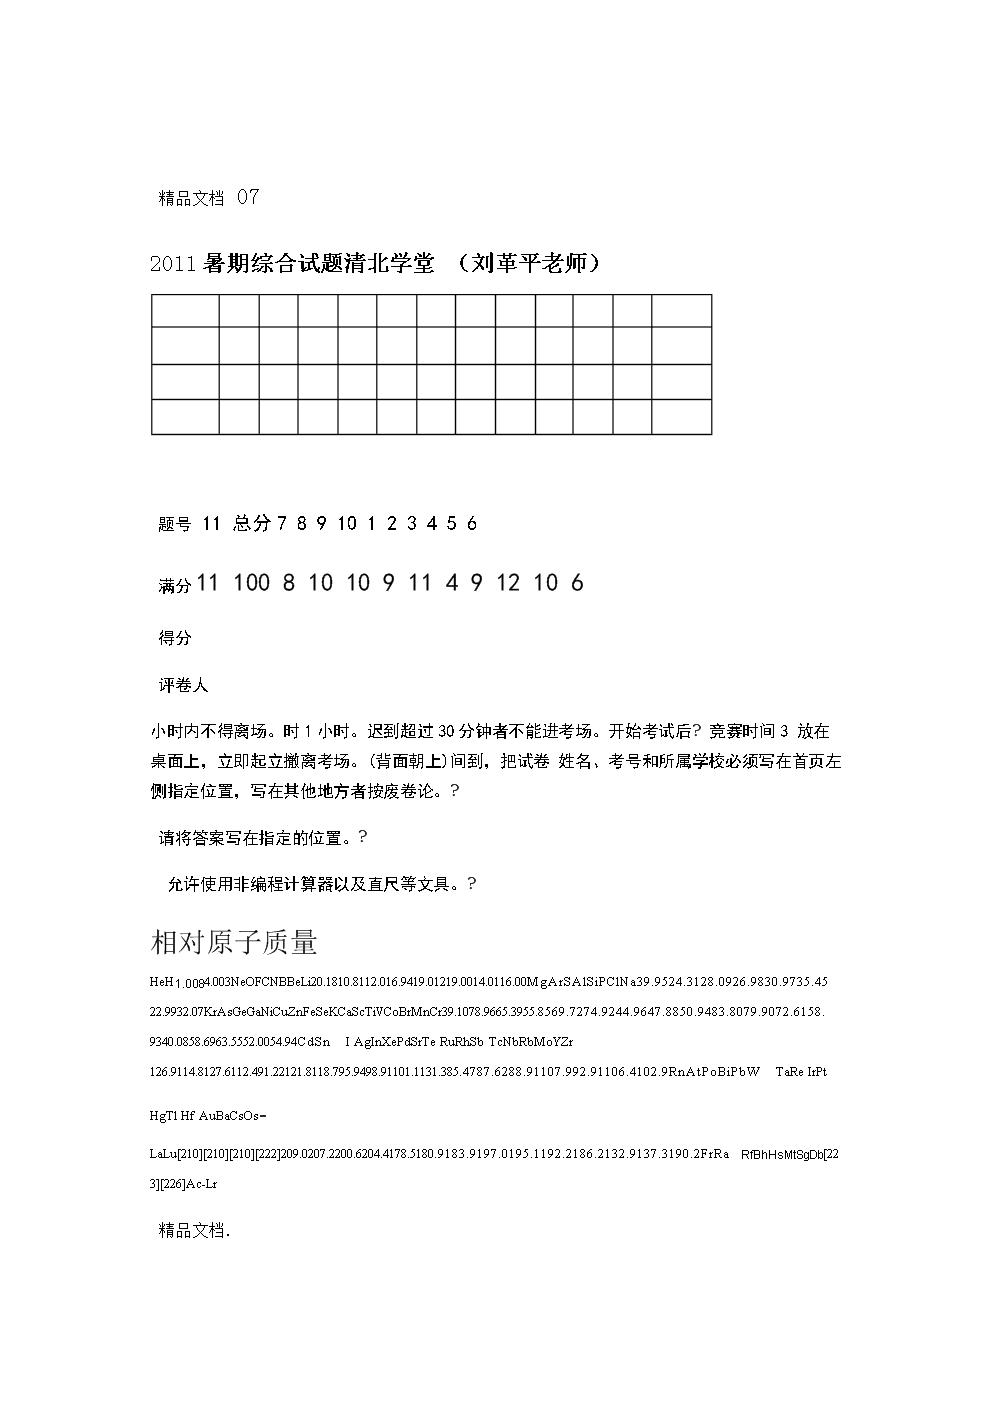 最新【精選】清北學堂暑期綜合試題及答案-07劉革平老師資料.doc